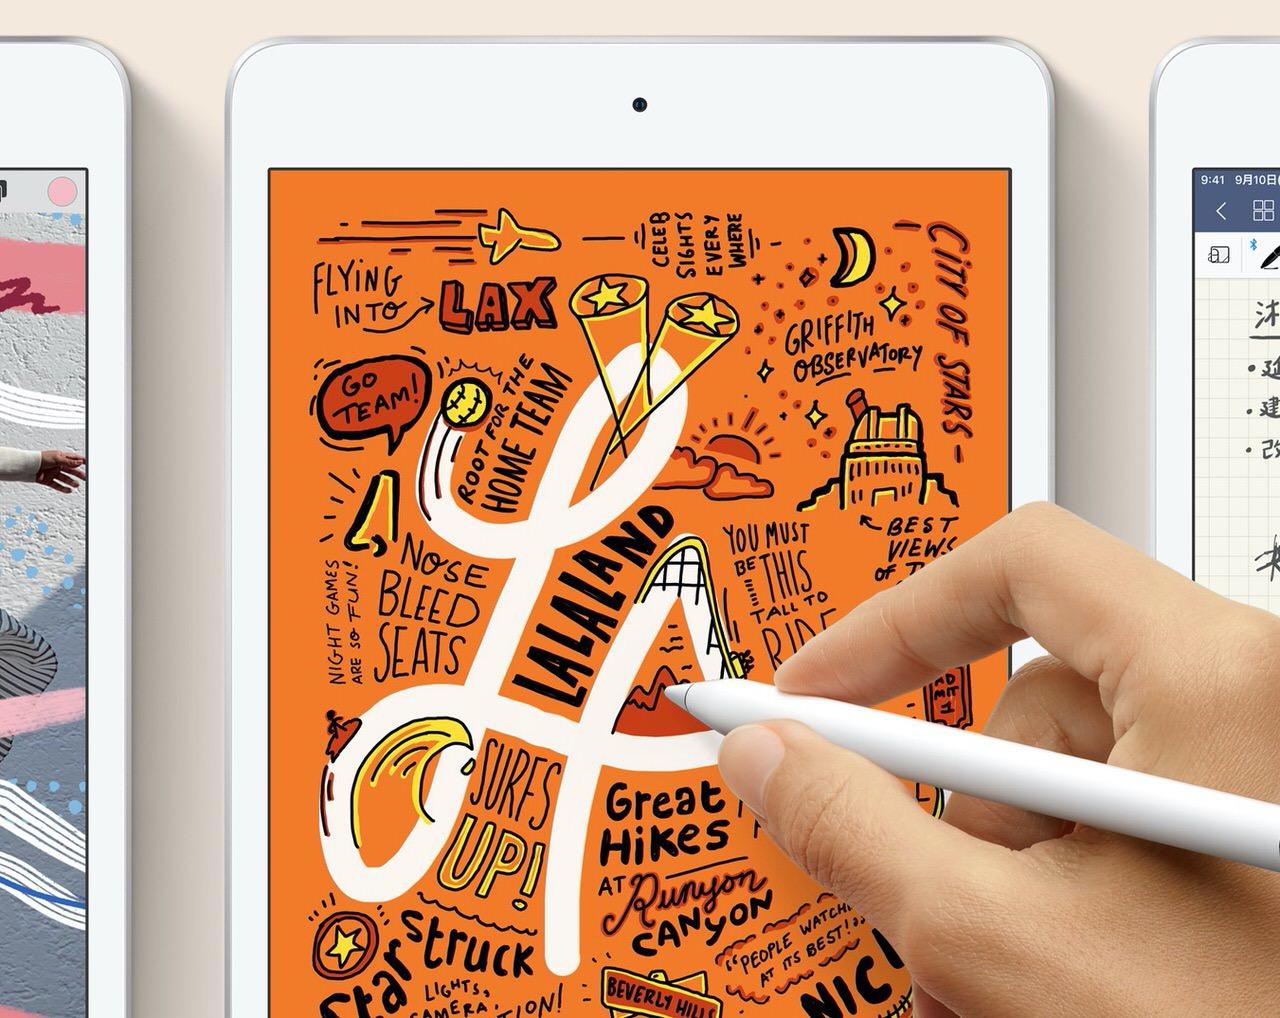 ヨドバシカメラ・ビックカメラ、SIMフリーの「iPad(第7世代)」「iPad mini」を販売開始